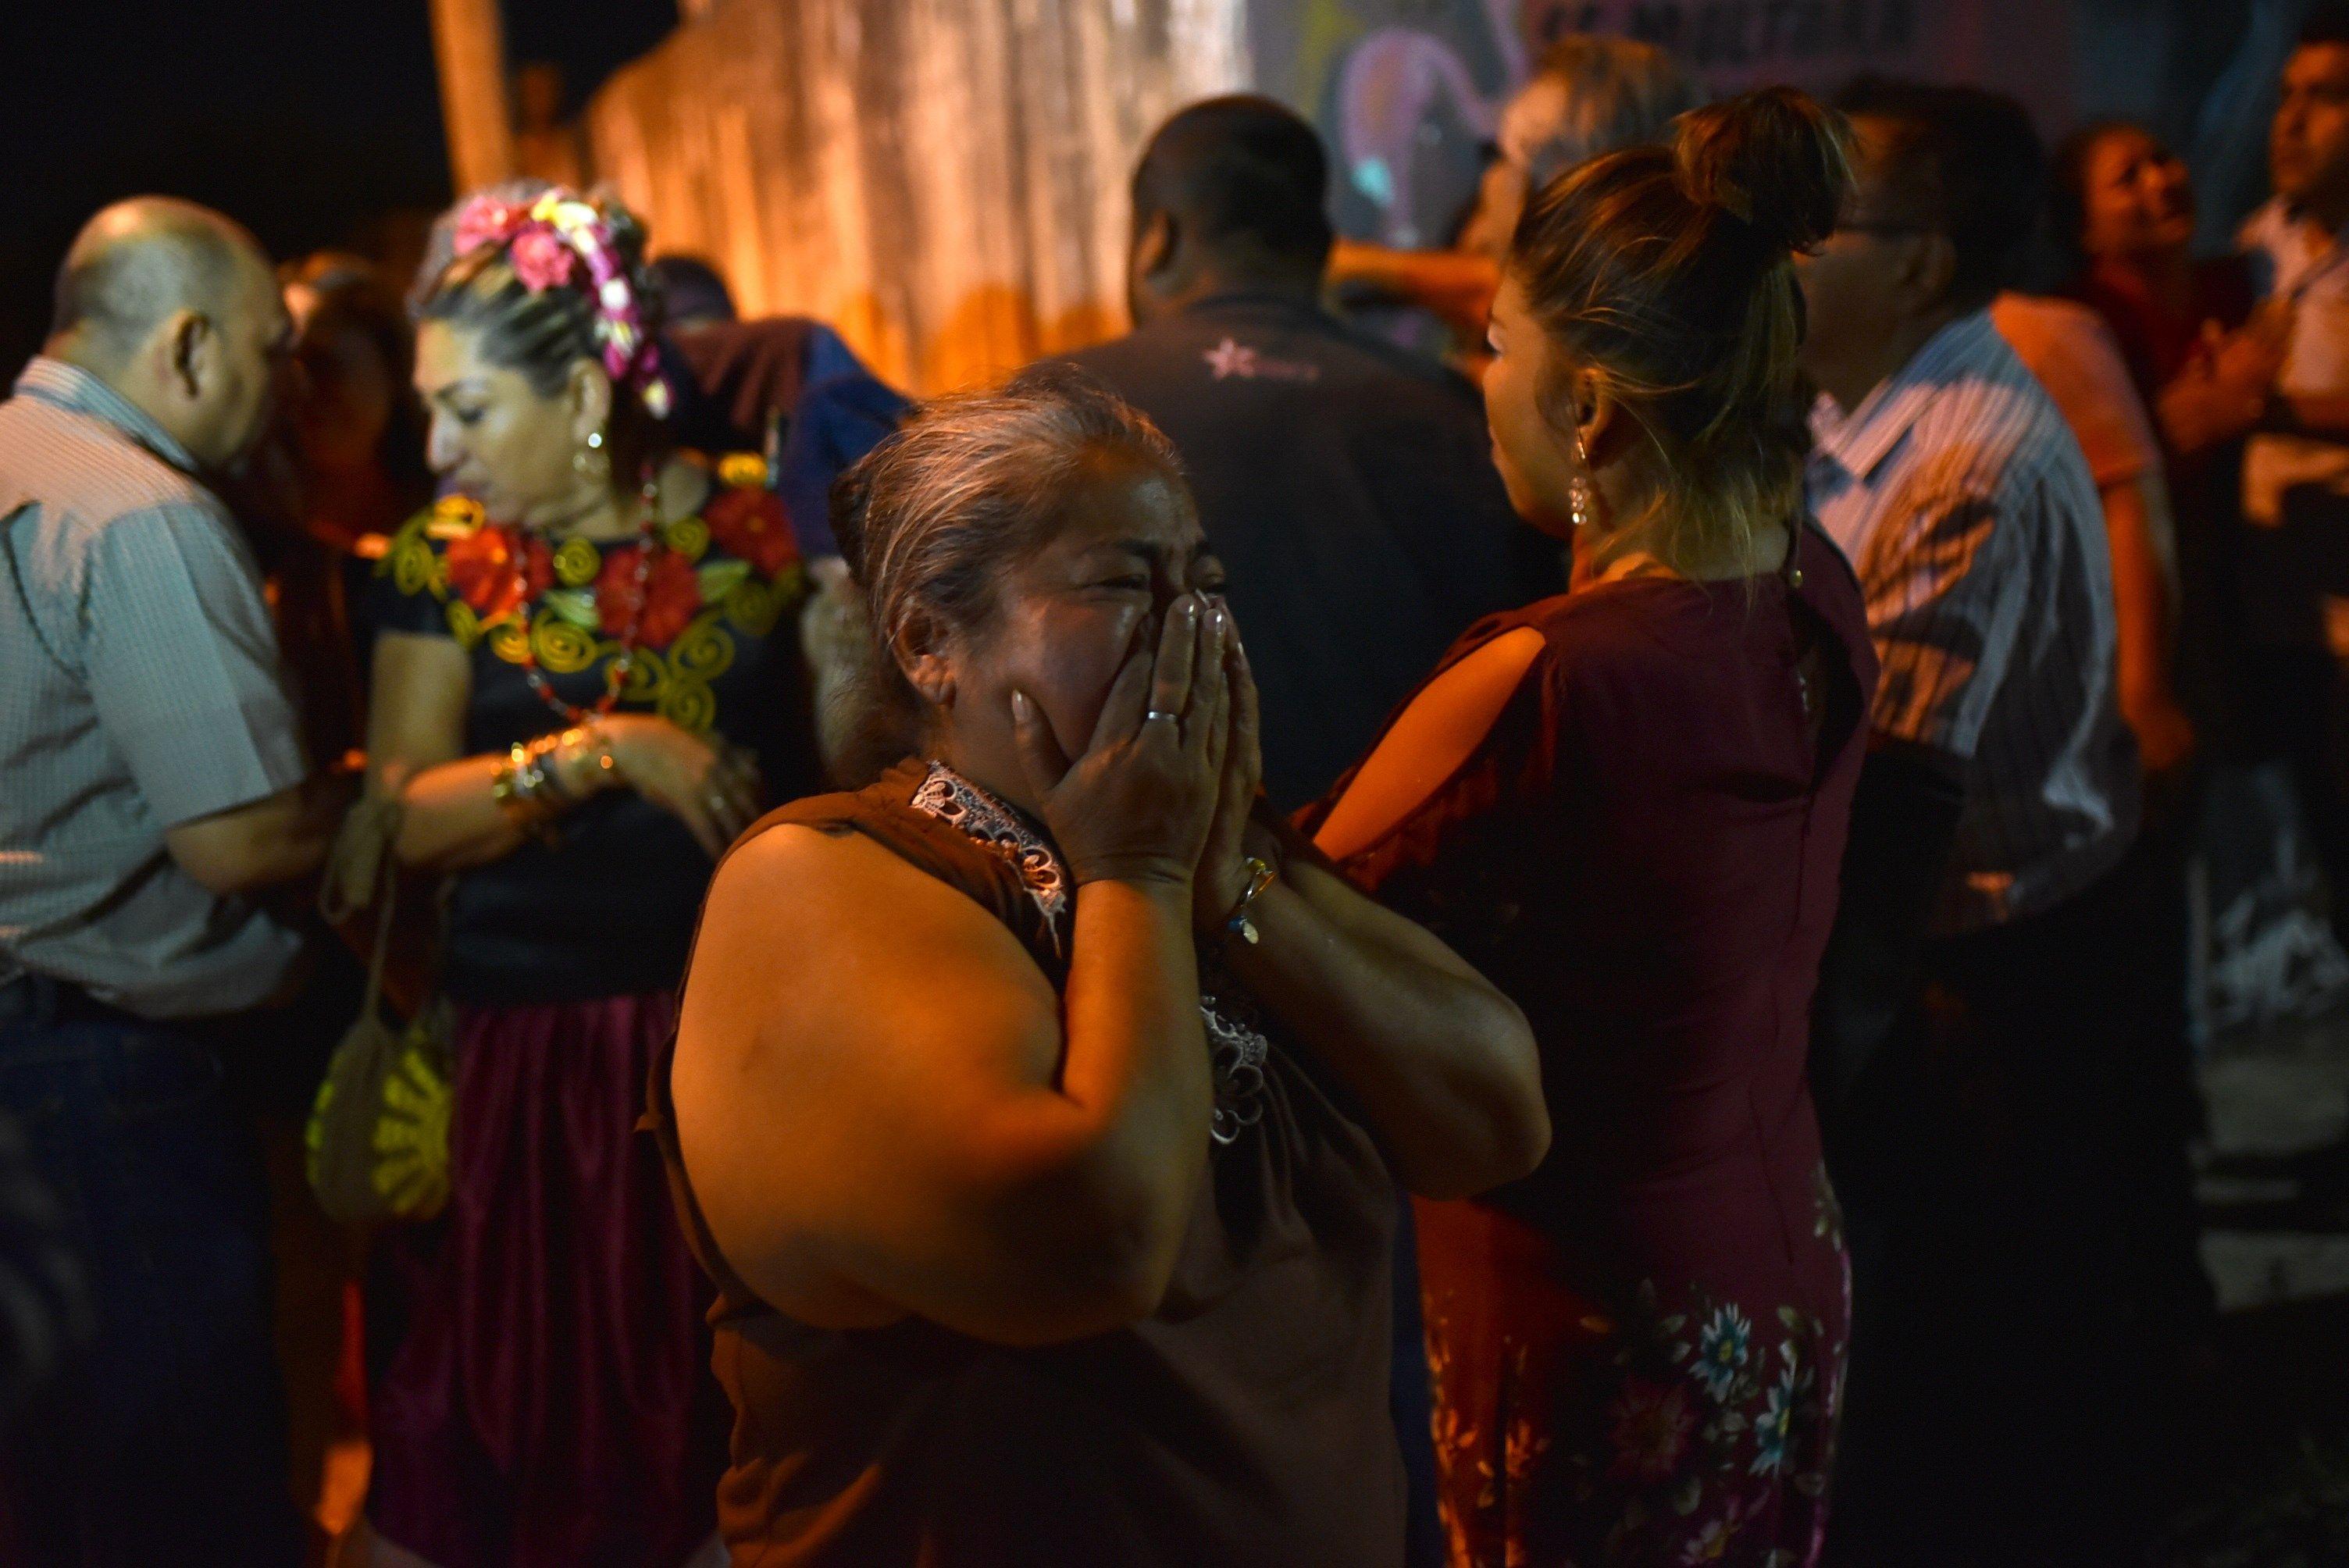 MEX33.COATZACOALCOS (MÉXICO), 19/04/2019.- Familiares de las víctimas observan, desde el cordón policial, hacia el sitio donde un grupo armado ingreso a una fiesta para accionar sus armas y quitar la vida a 13 personas hoy, viernes 19 de abril de 2019. Trece personas murieron tras el ataque armado perpetrado en una fiesta privada en el estado mexicano de Veracruz, informaron autoridades locales. EFE/Samuel Hernández